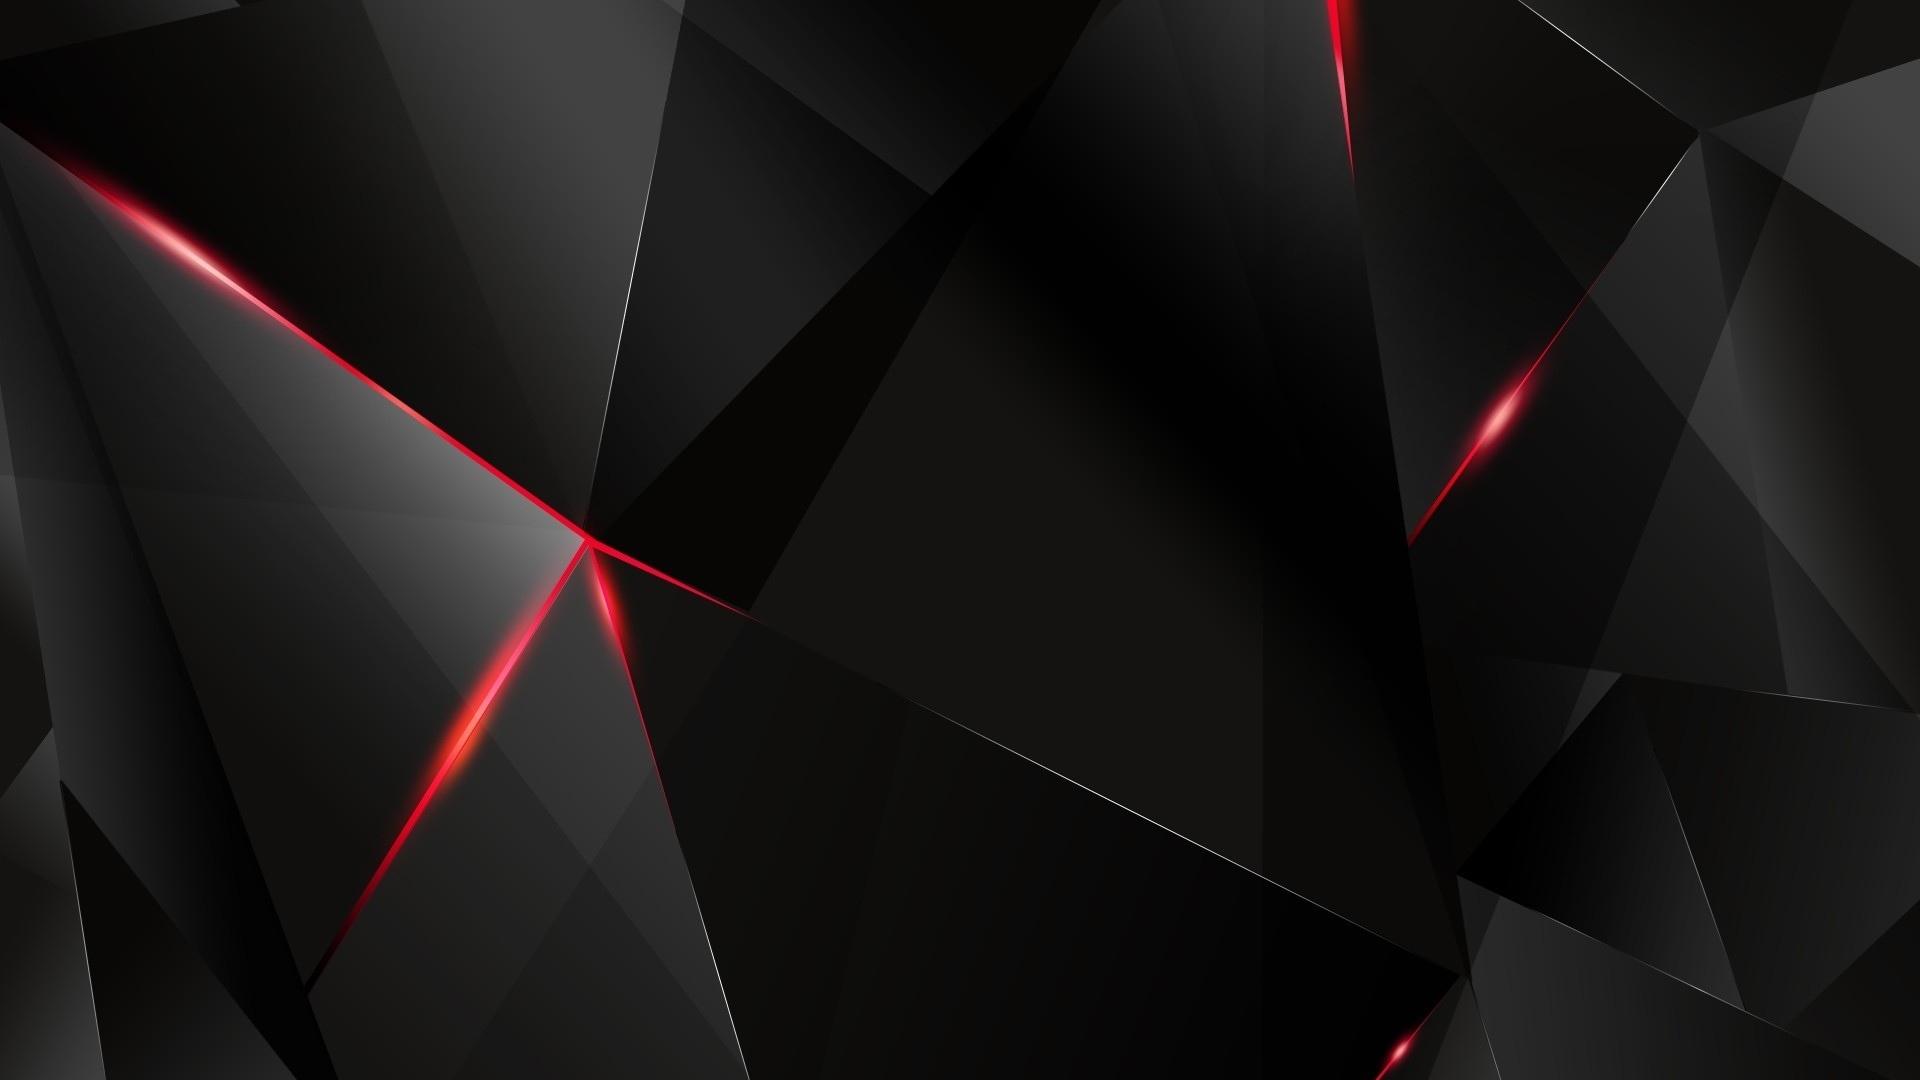 Black Wallpaper HD 1920x1080